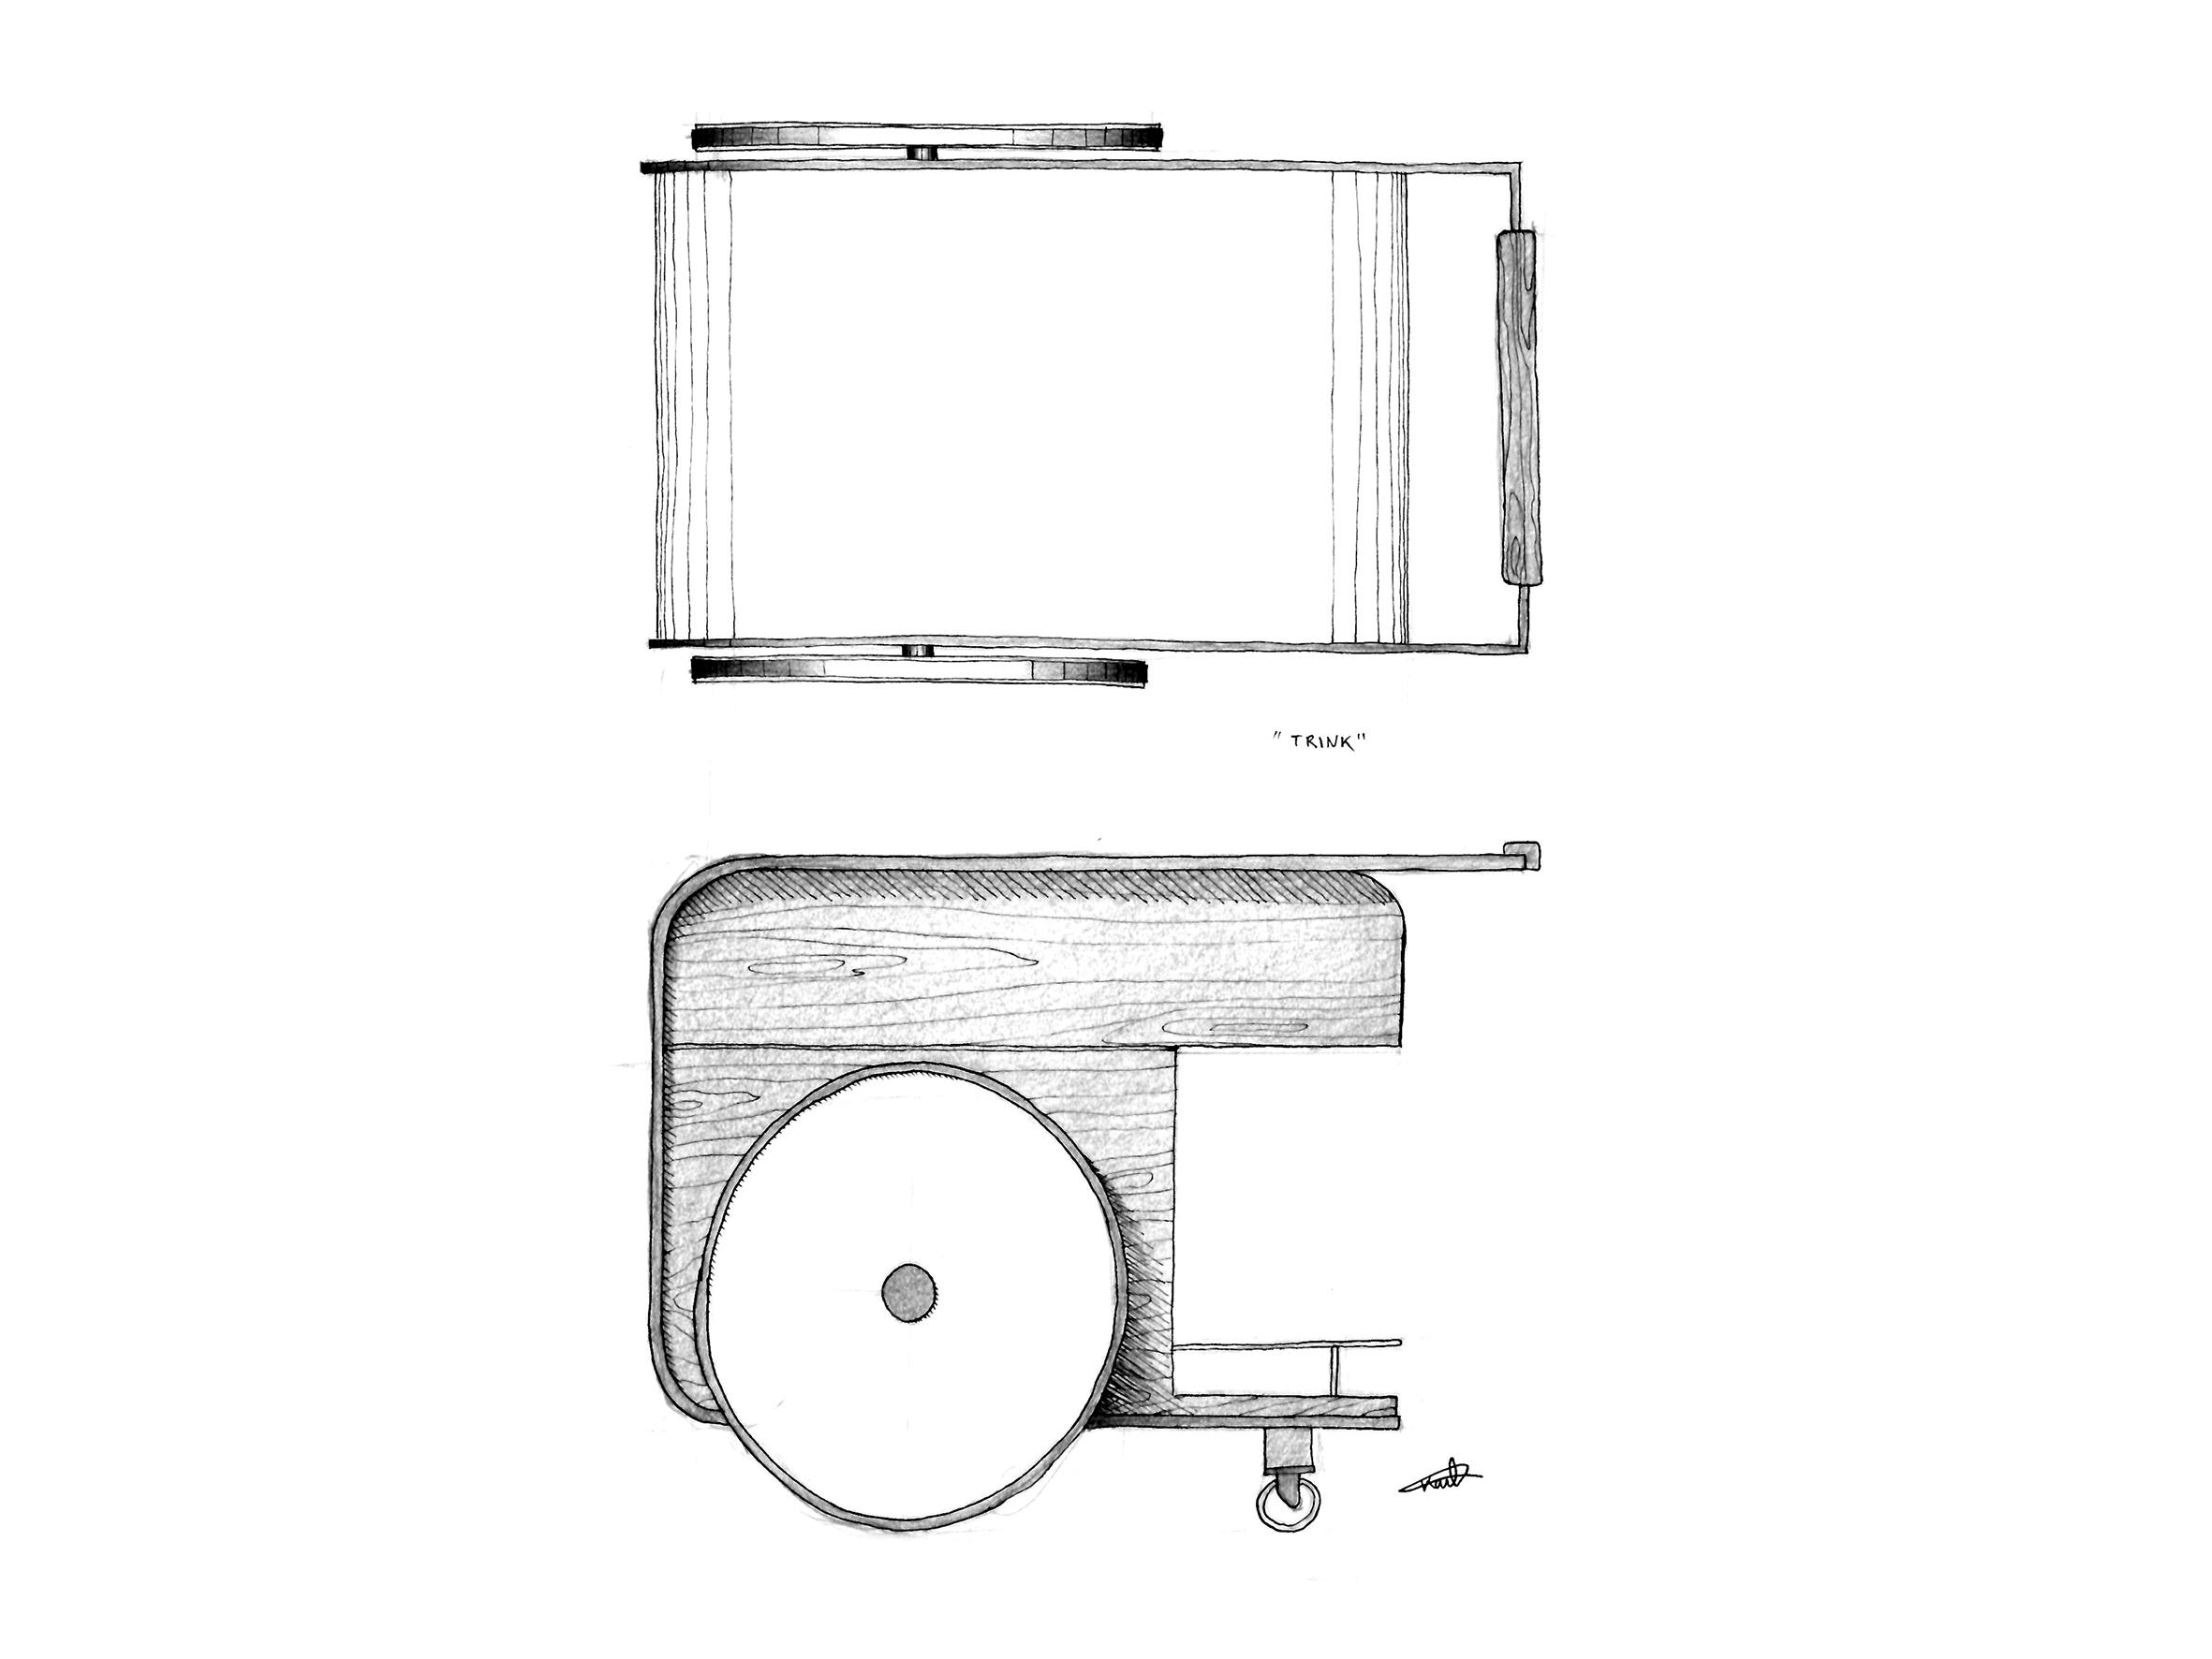 Studio Caramel propose avec le Chariot Trink une pièce d'exception où l'acier noir vient découper et structurer le bois.